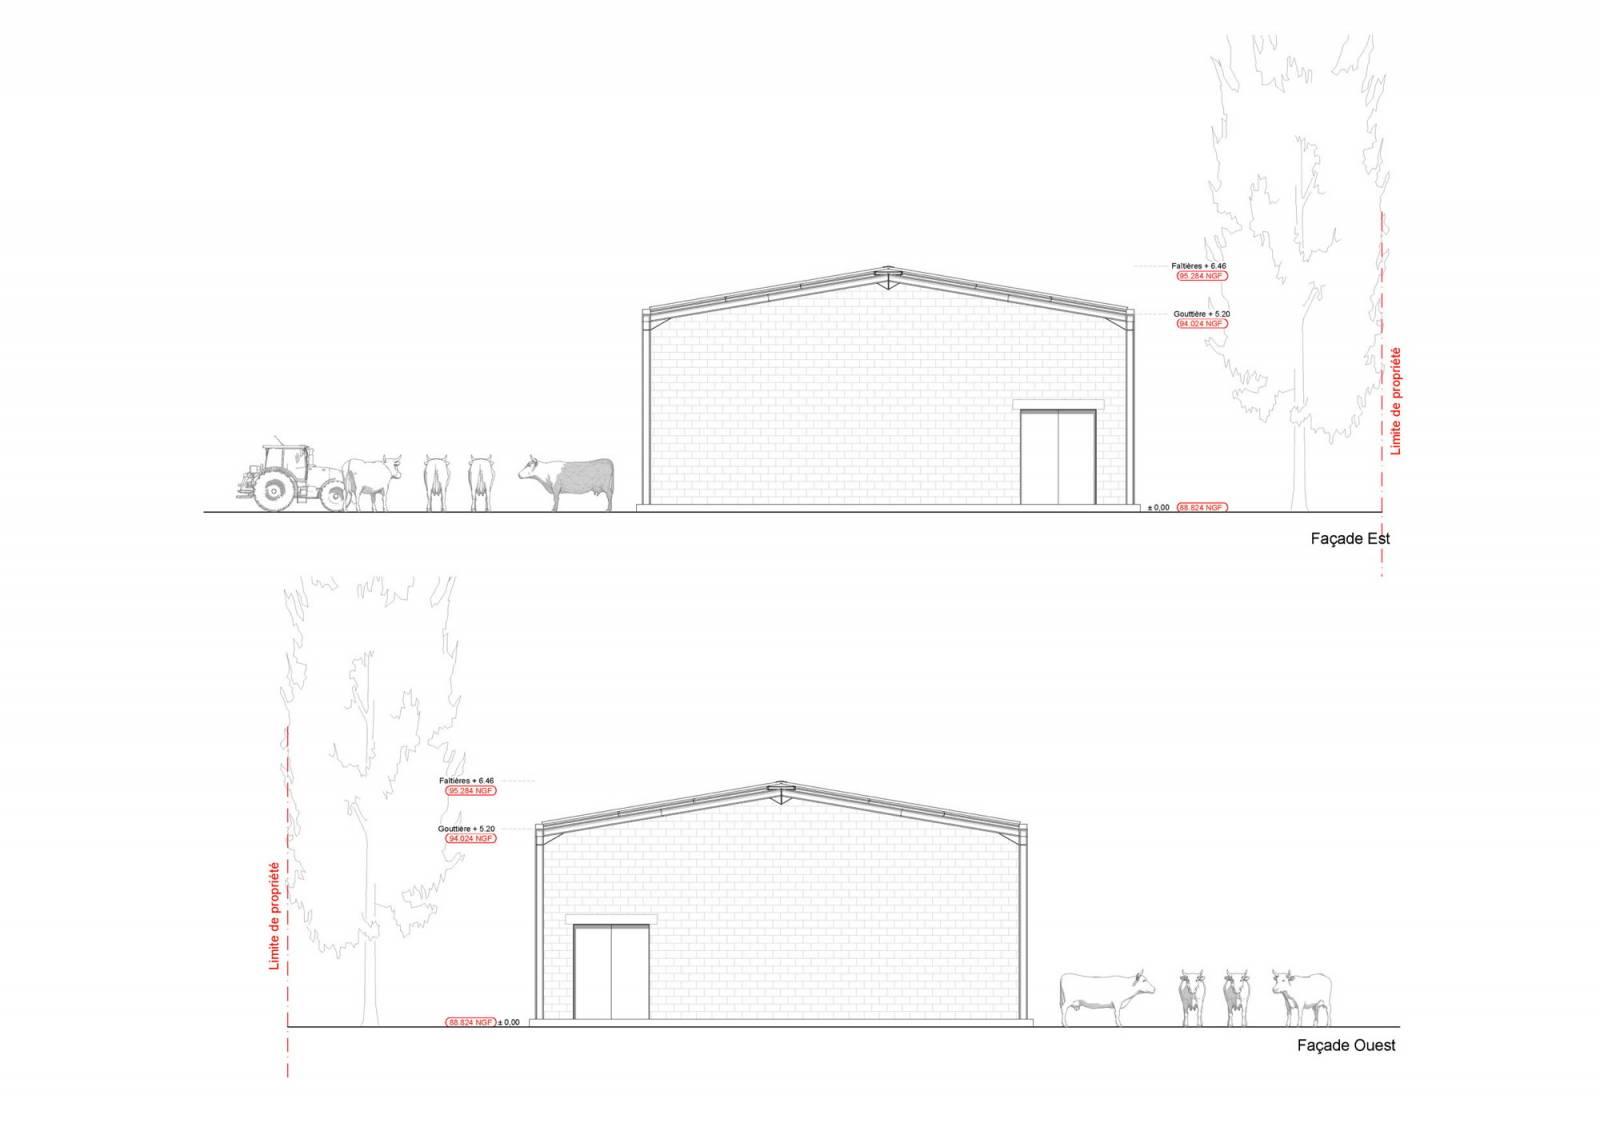 Permis de construire pour un hangar agricole saint martin de crau 13310 am nagement d for Construire une maison sur un terrain agricole